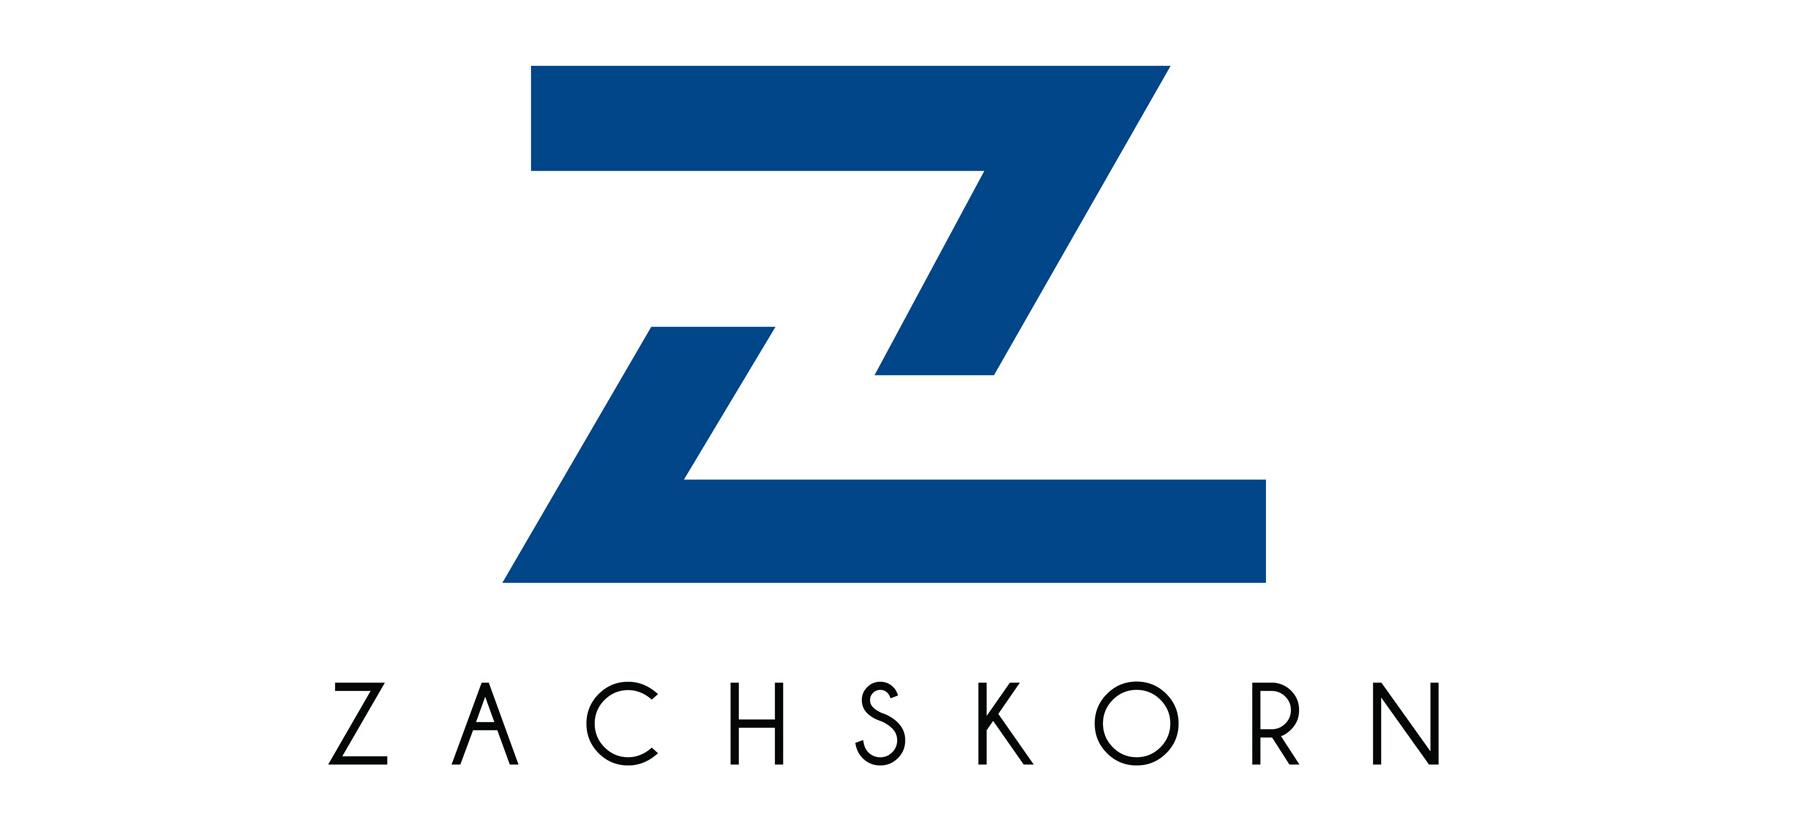 Zachskorn GmbH – Wir finanzieren Ihre Träume